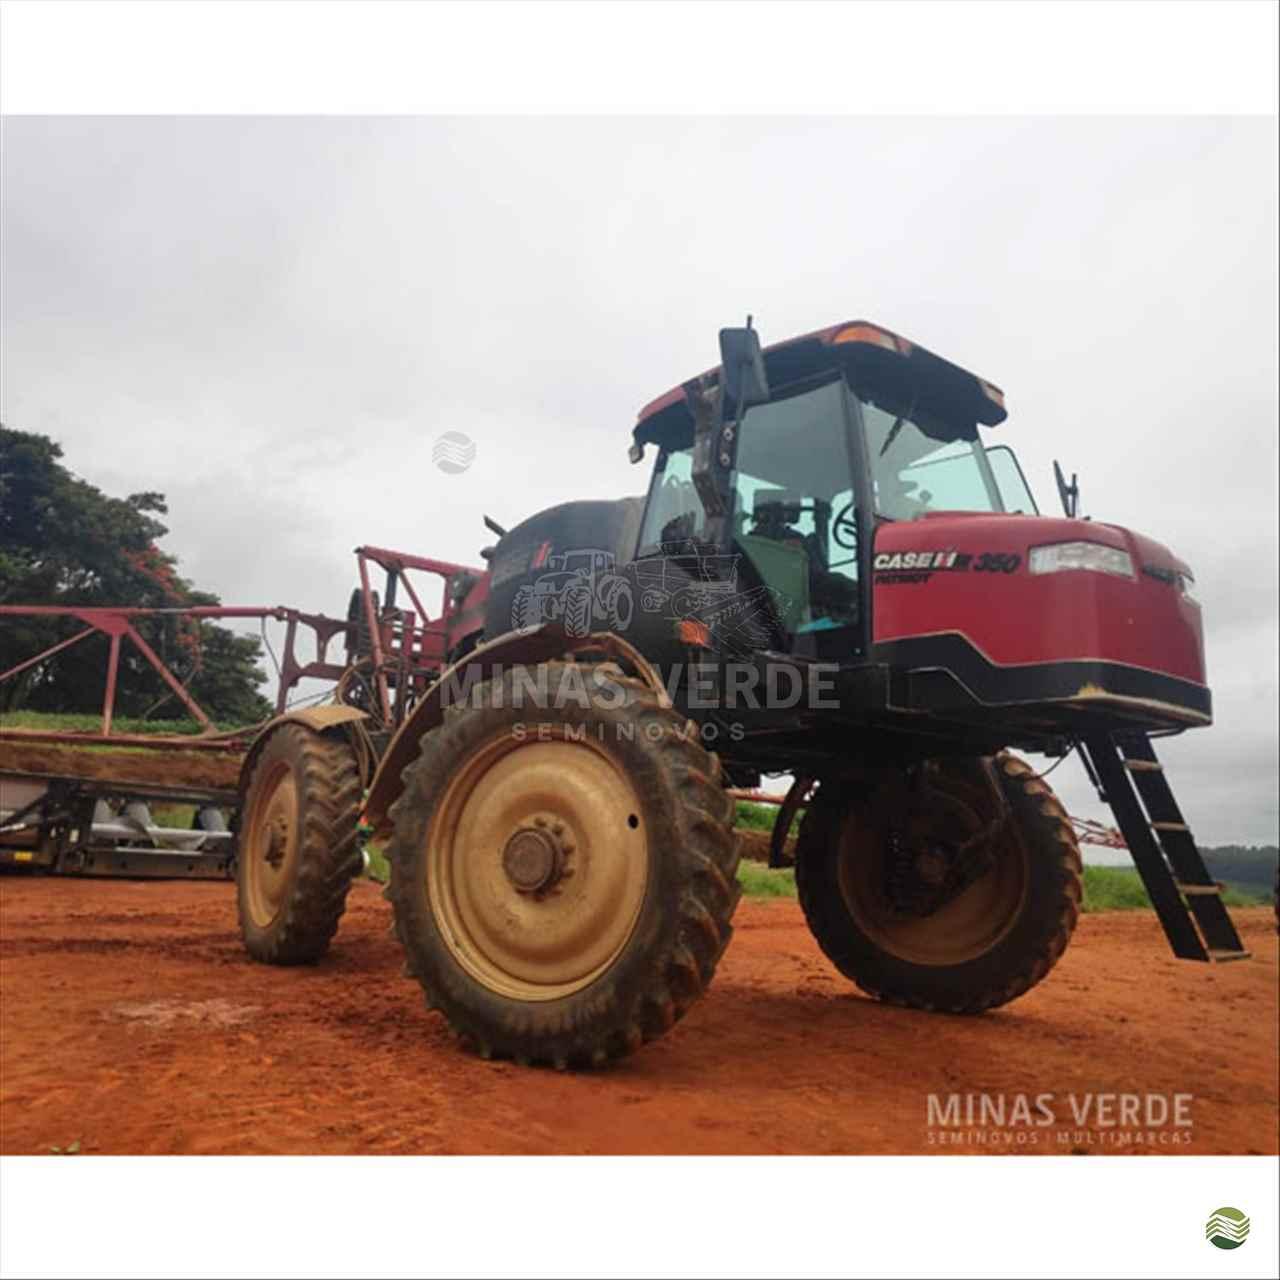 PULVERIZADOR CASE PATRIOT 350 Tração 4x4 Minas Verde - Semi Novos PERDOES MINAS GERAIS MG